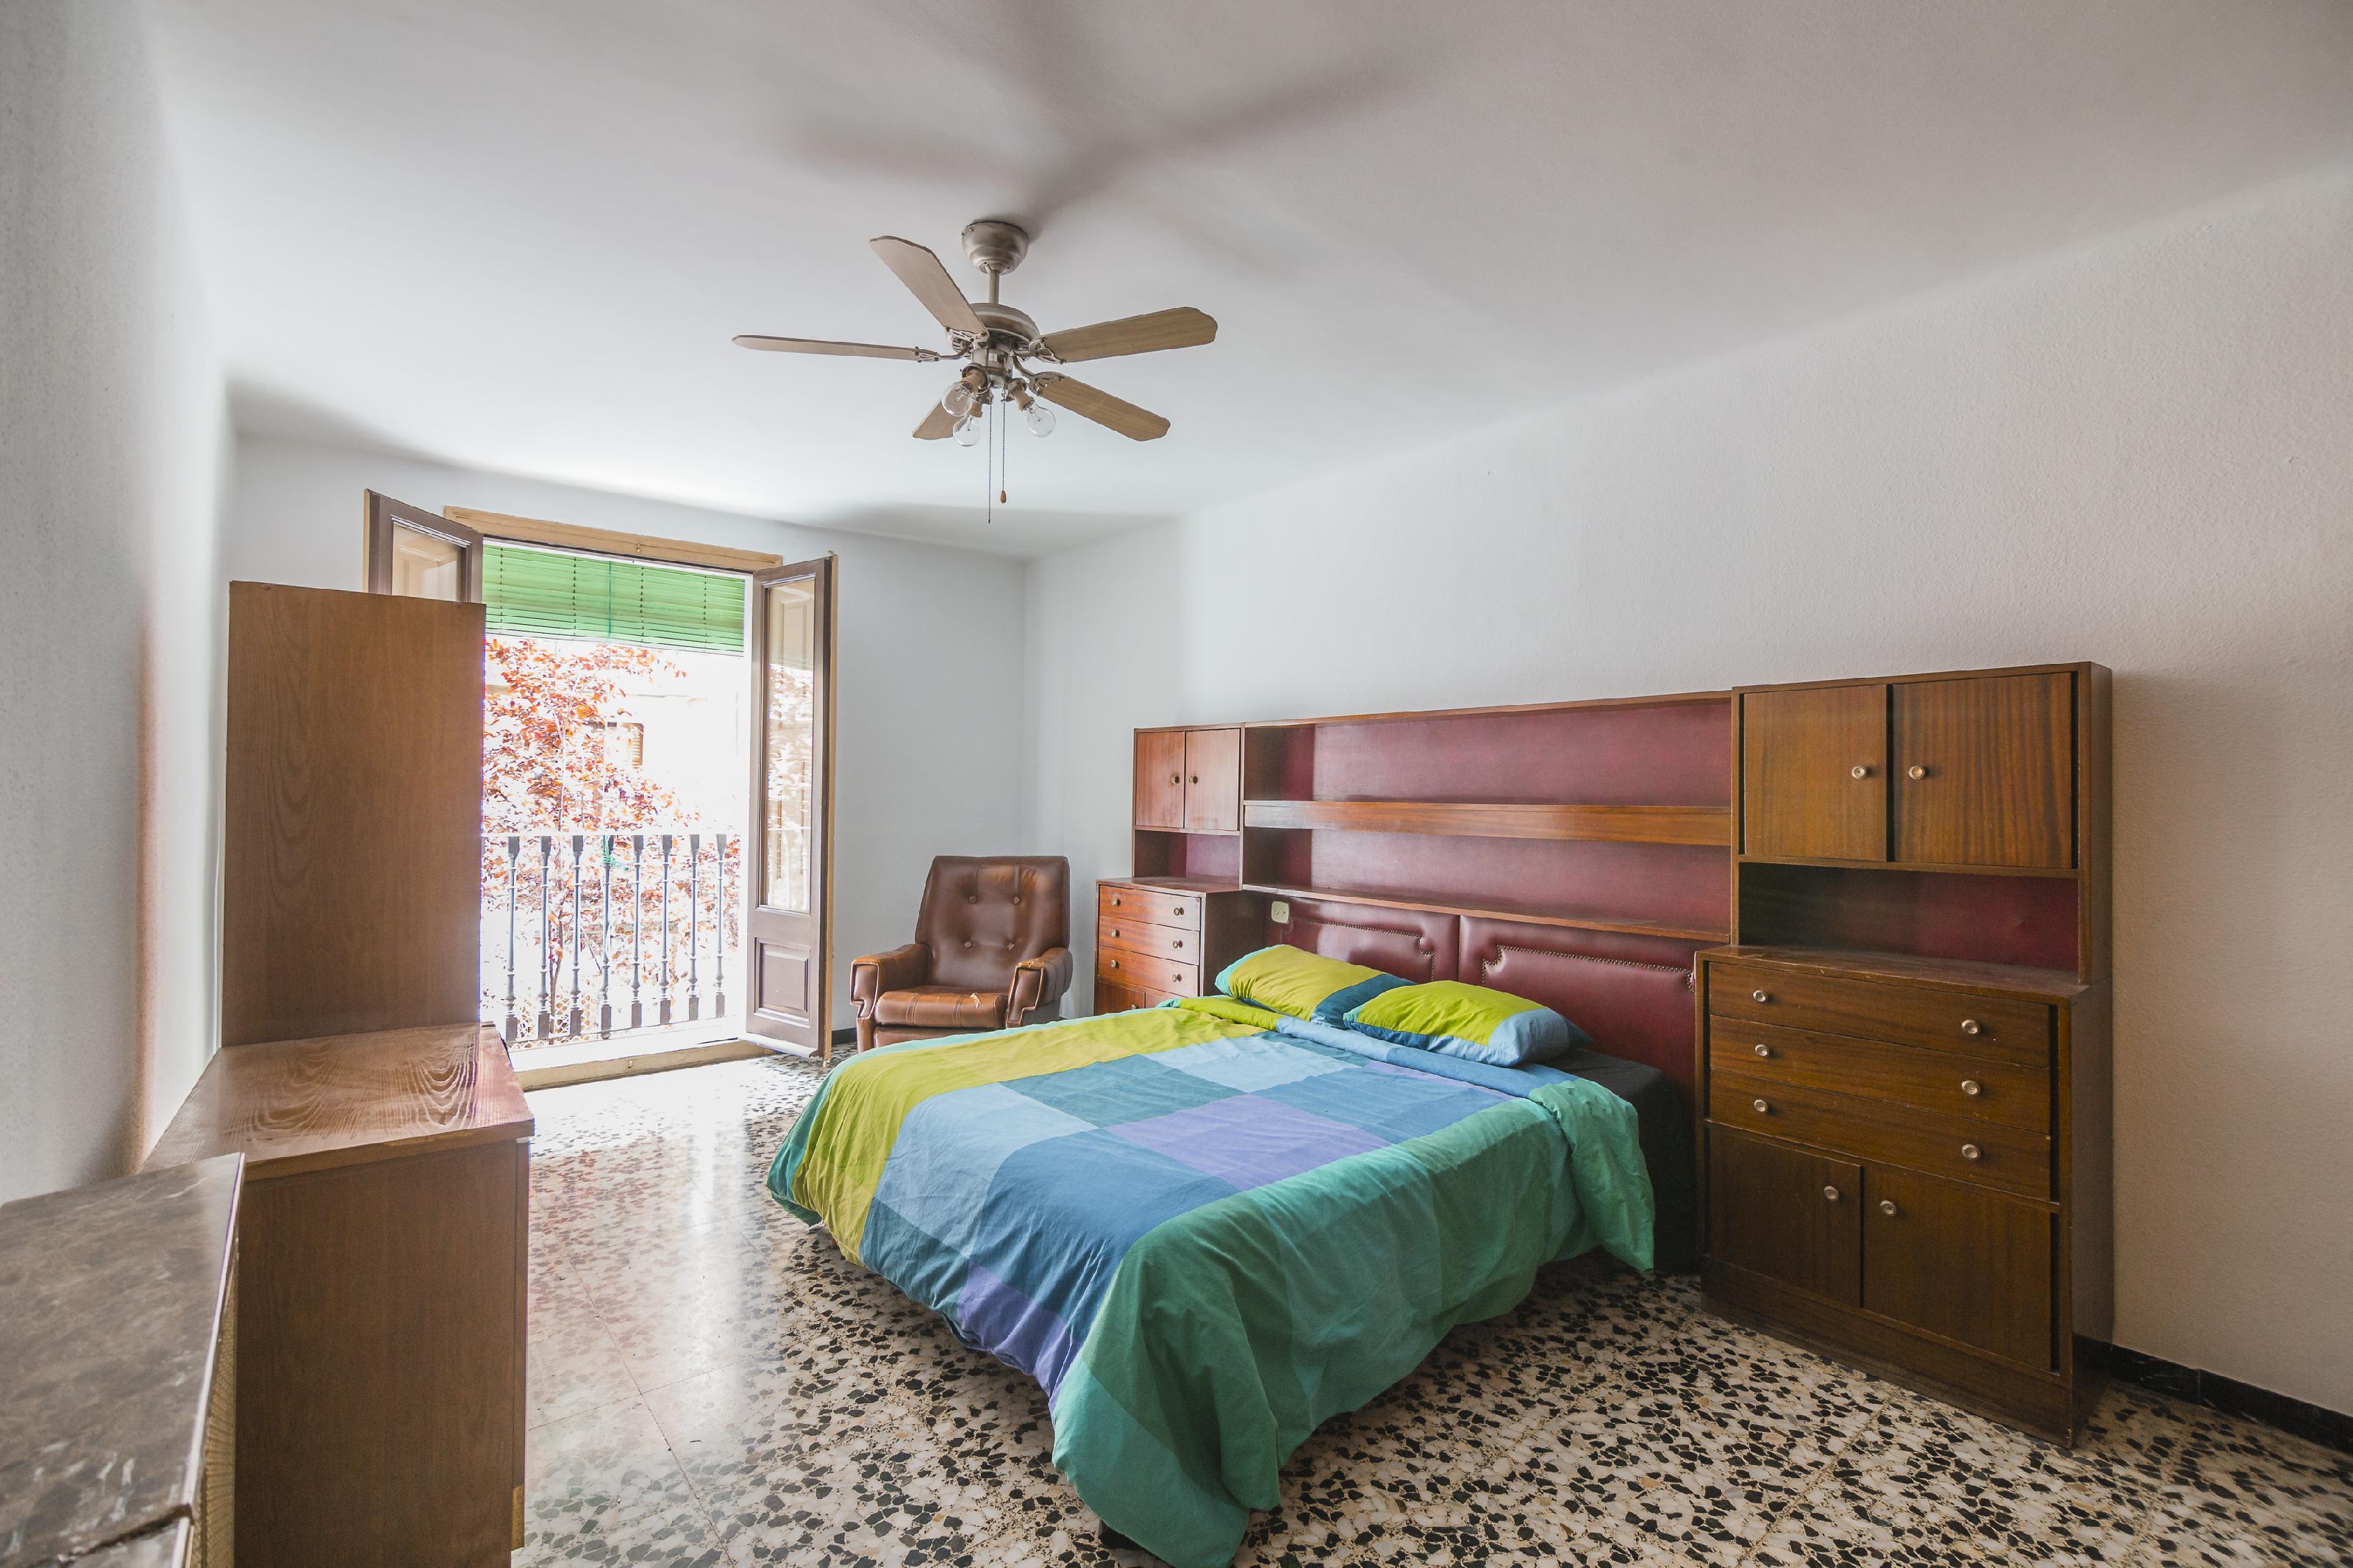 249648 Piso en venda en Ciutat Vella, El Raval 24